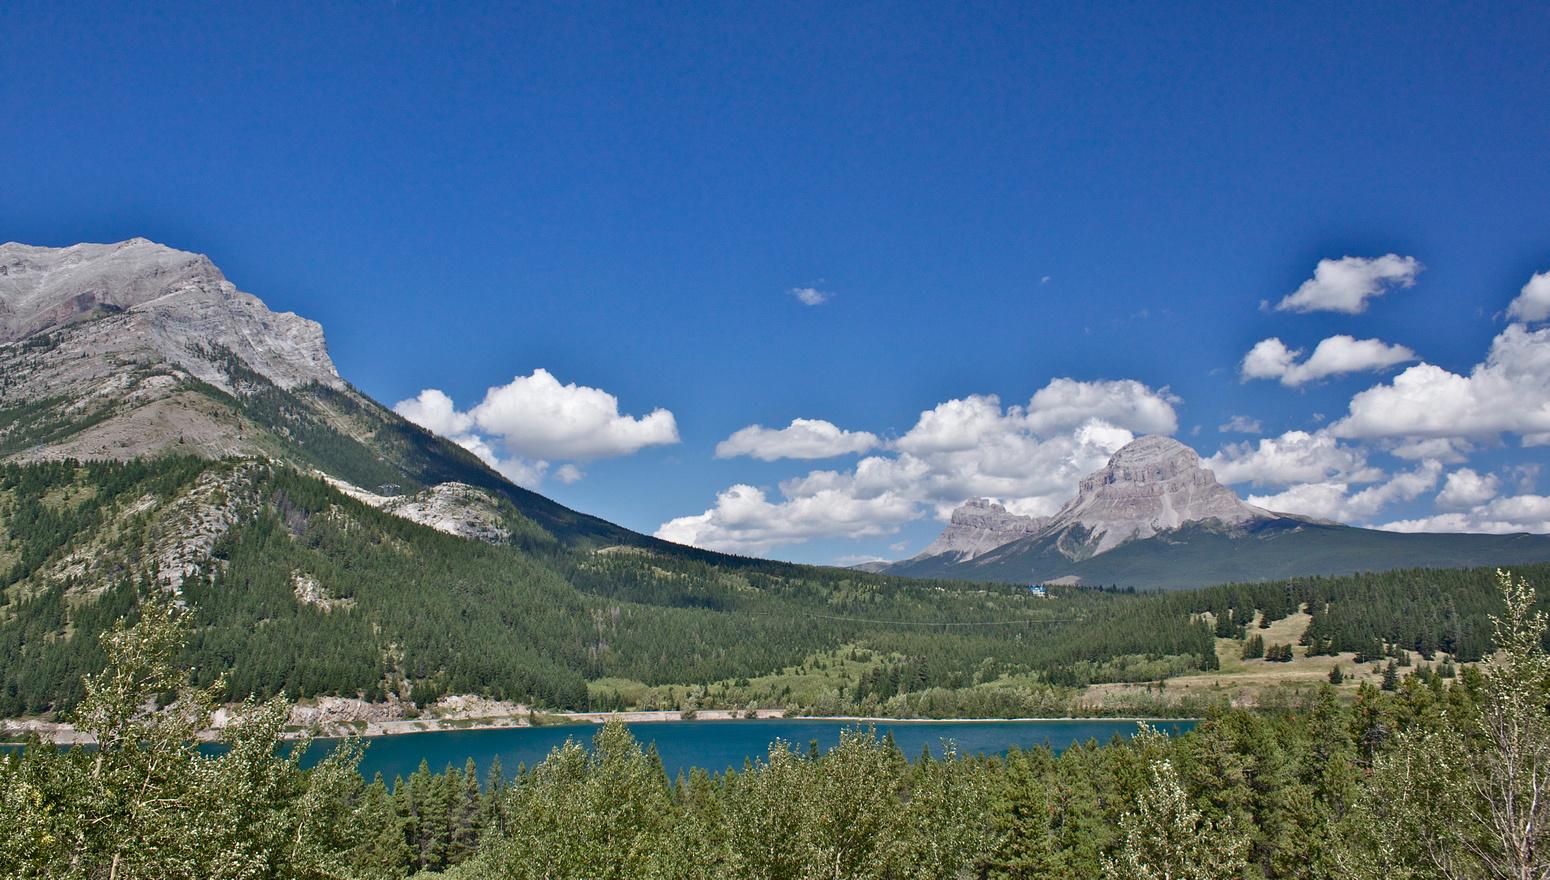 Montane Forest Region